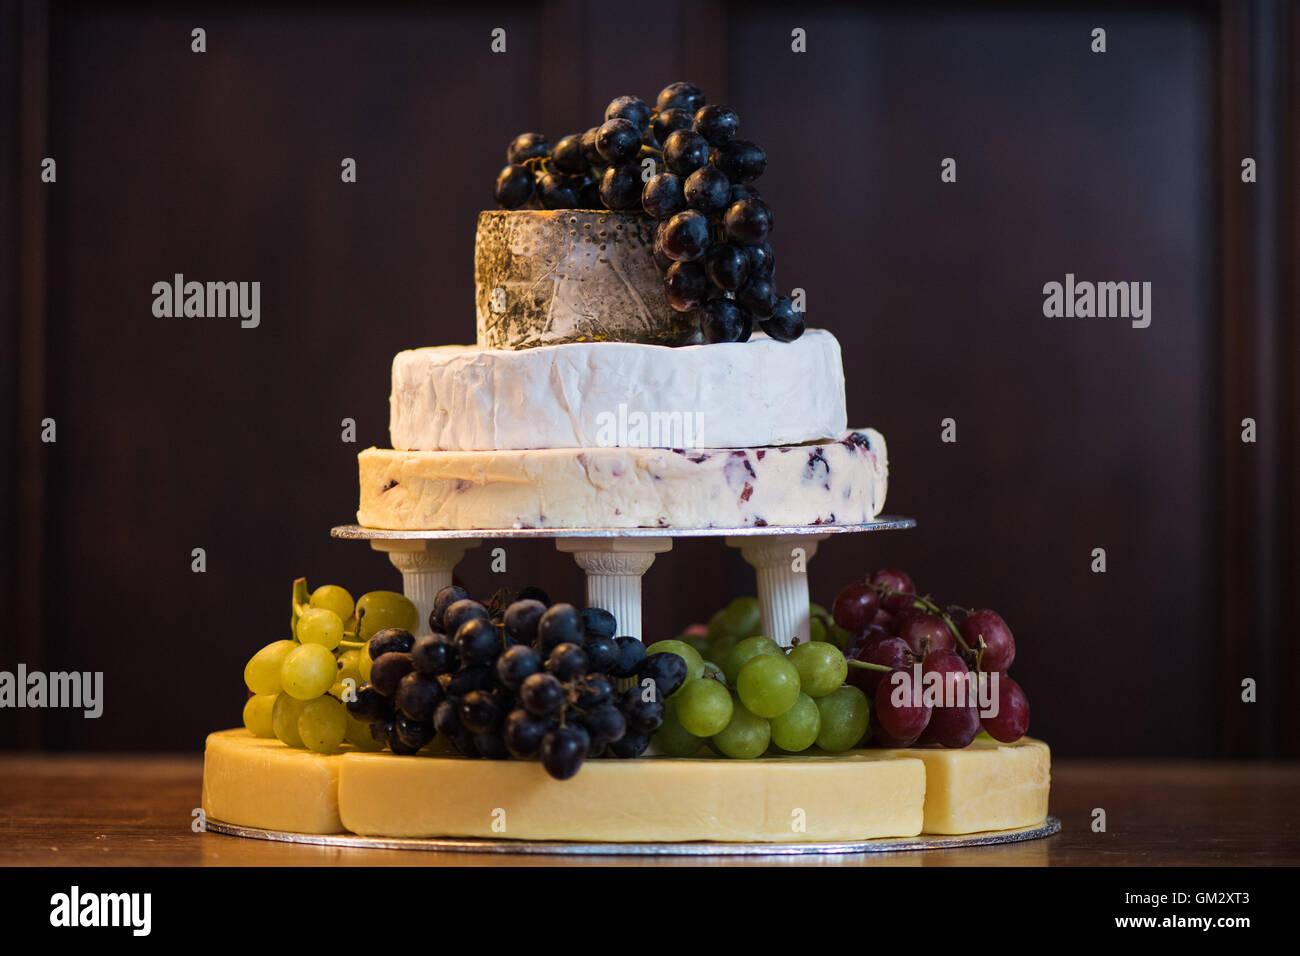 Une pile de fromages avec des raisins formant un gâteau à une réception de mariage Photo Stock